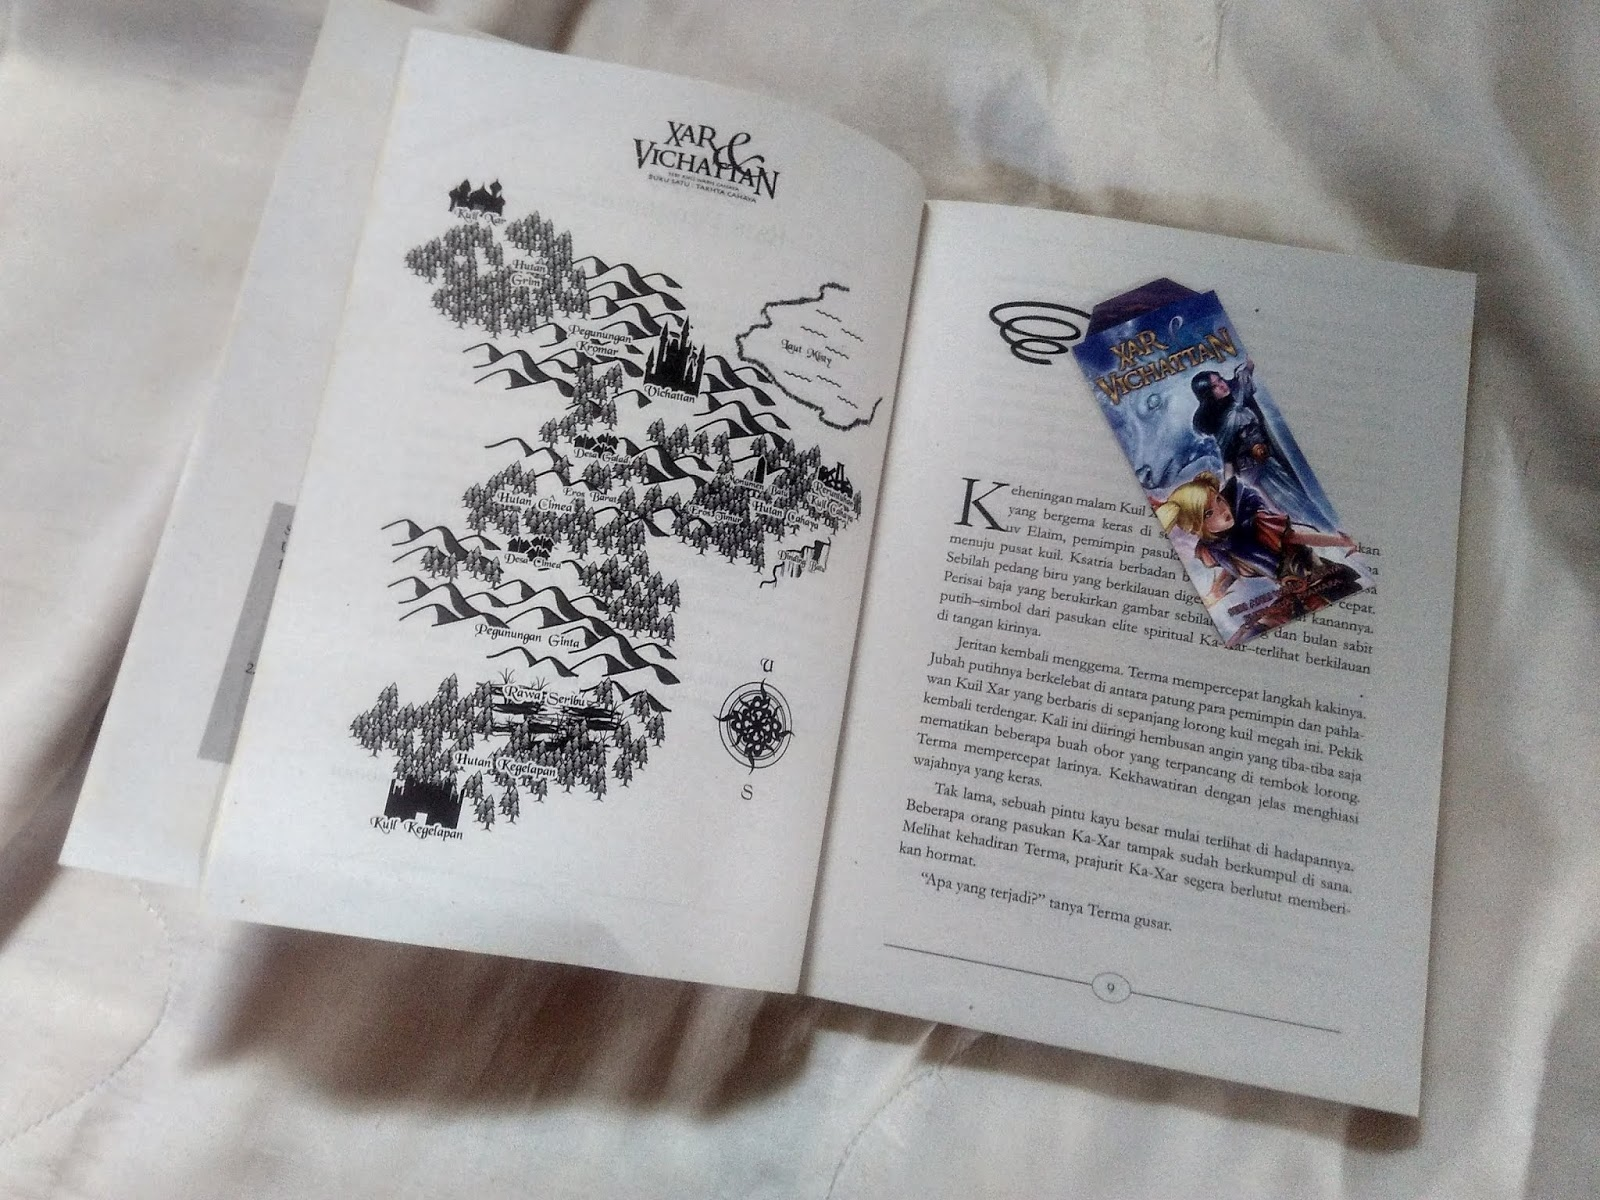 Review Buku Xar & Vichattan: Takhta Cahaya by Bonmedo Tambunan